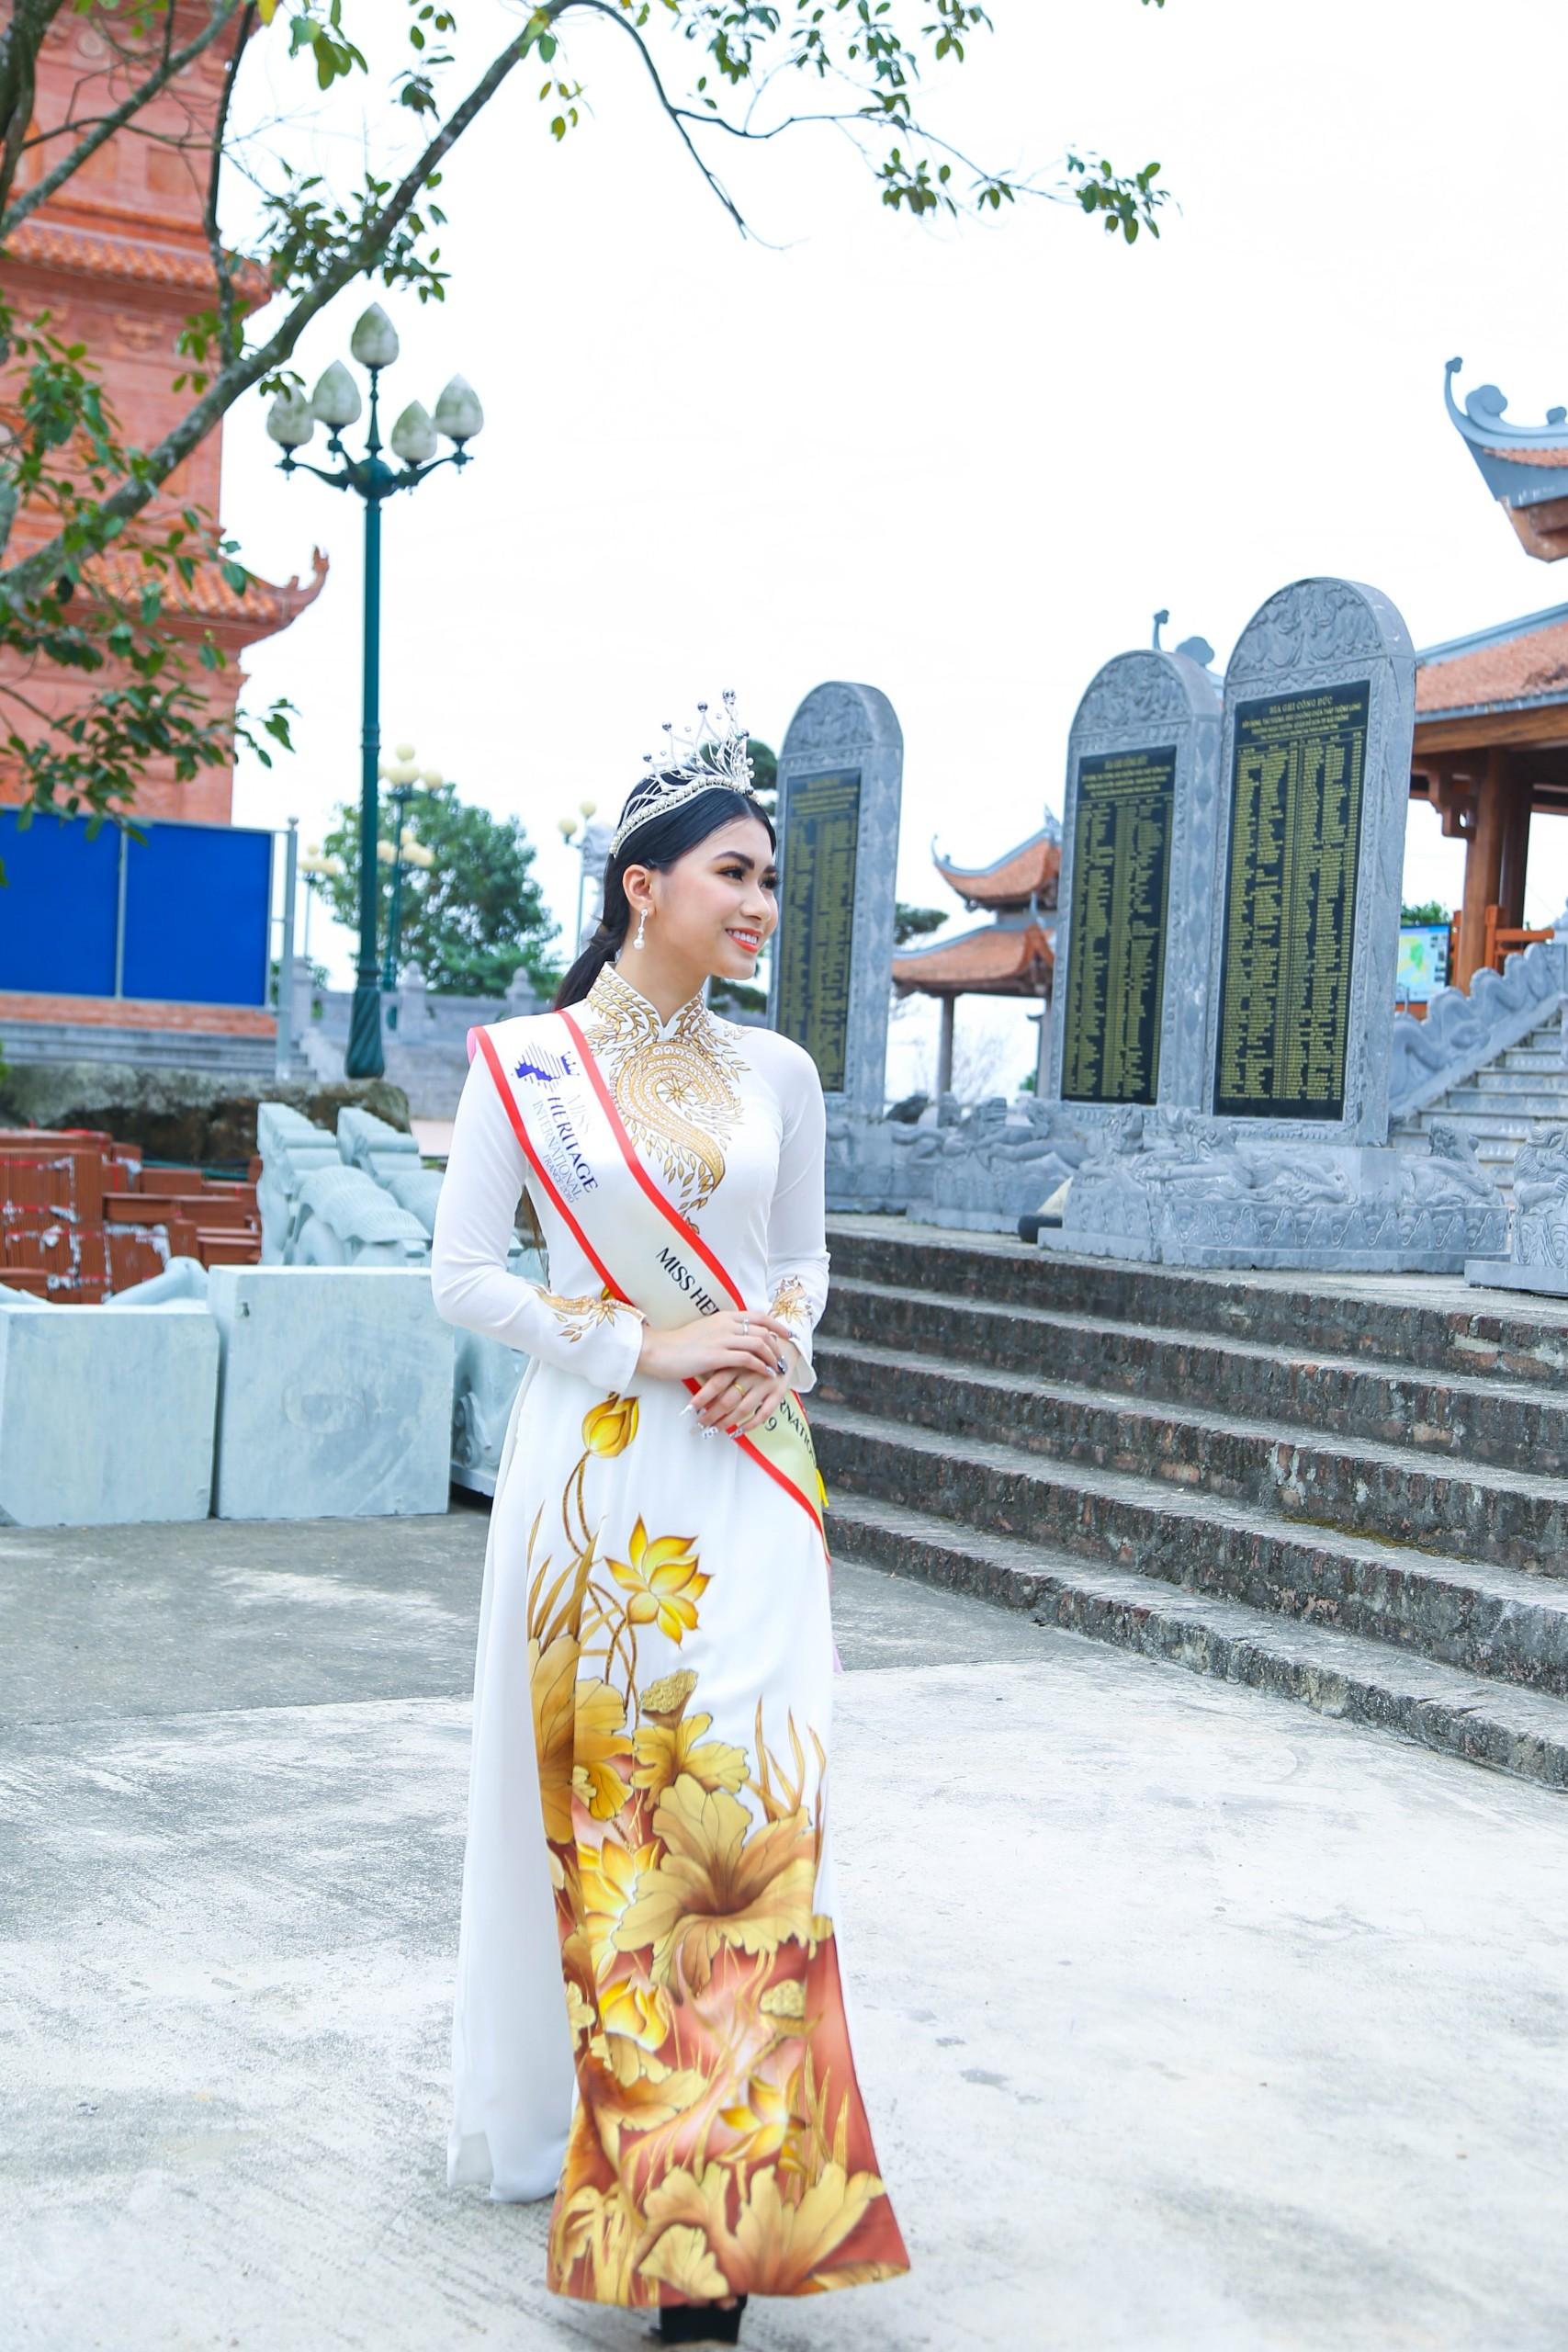 Hoa hậu Di sản Quốc tế 2019 - Amy Thảo Nguyễn